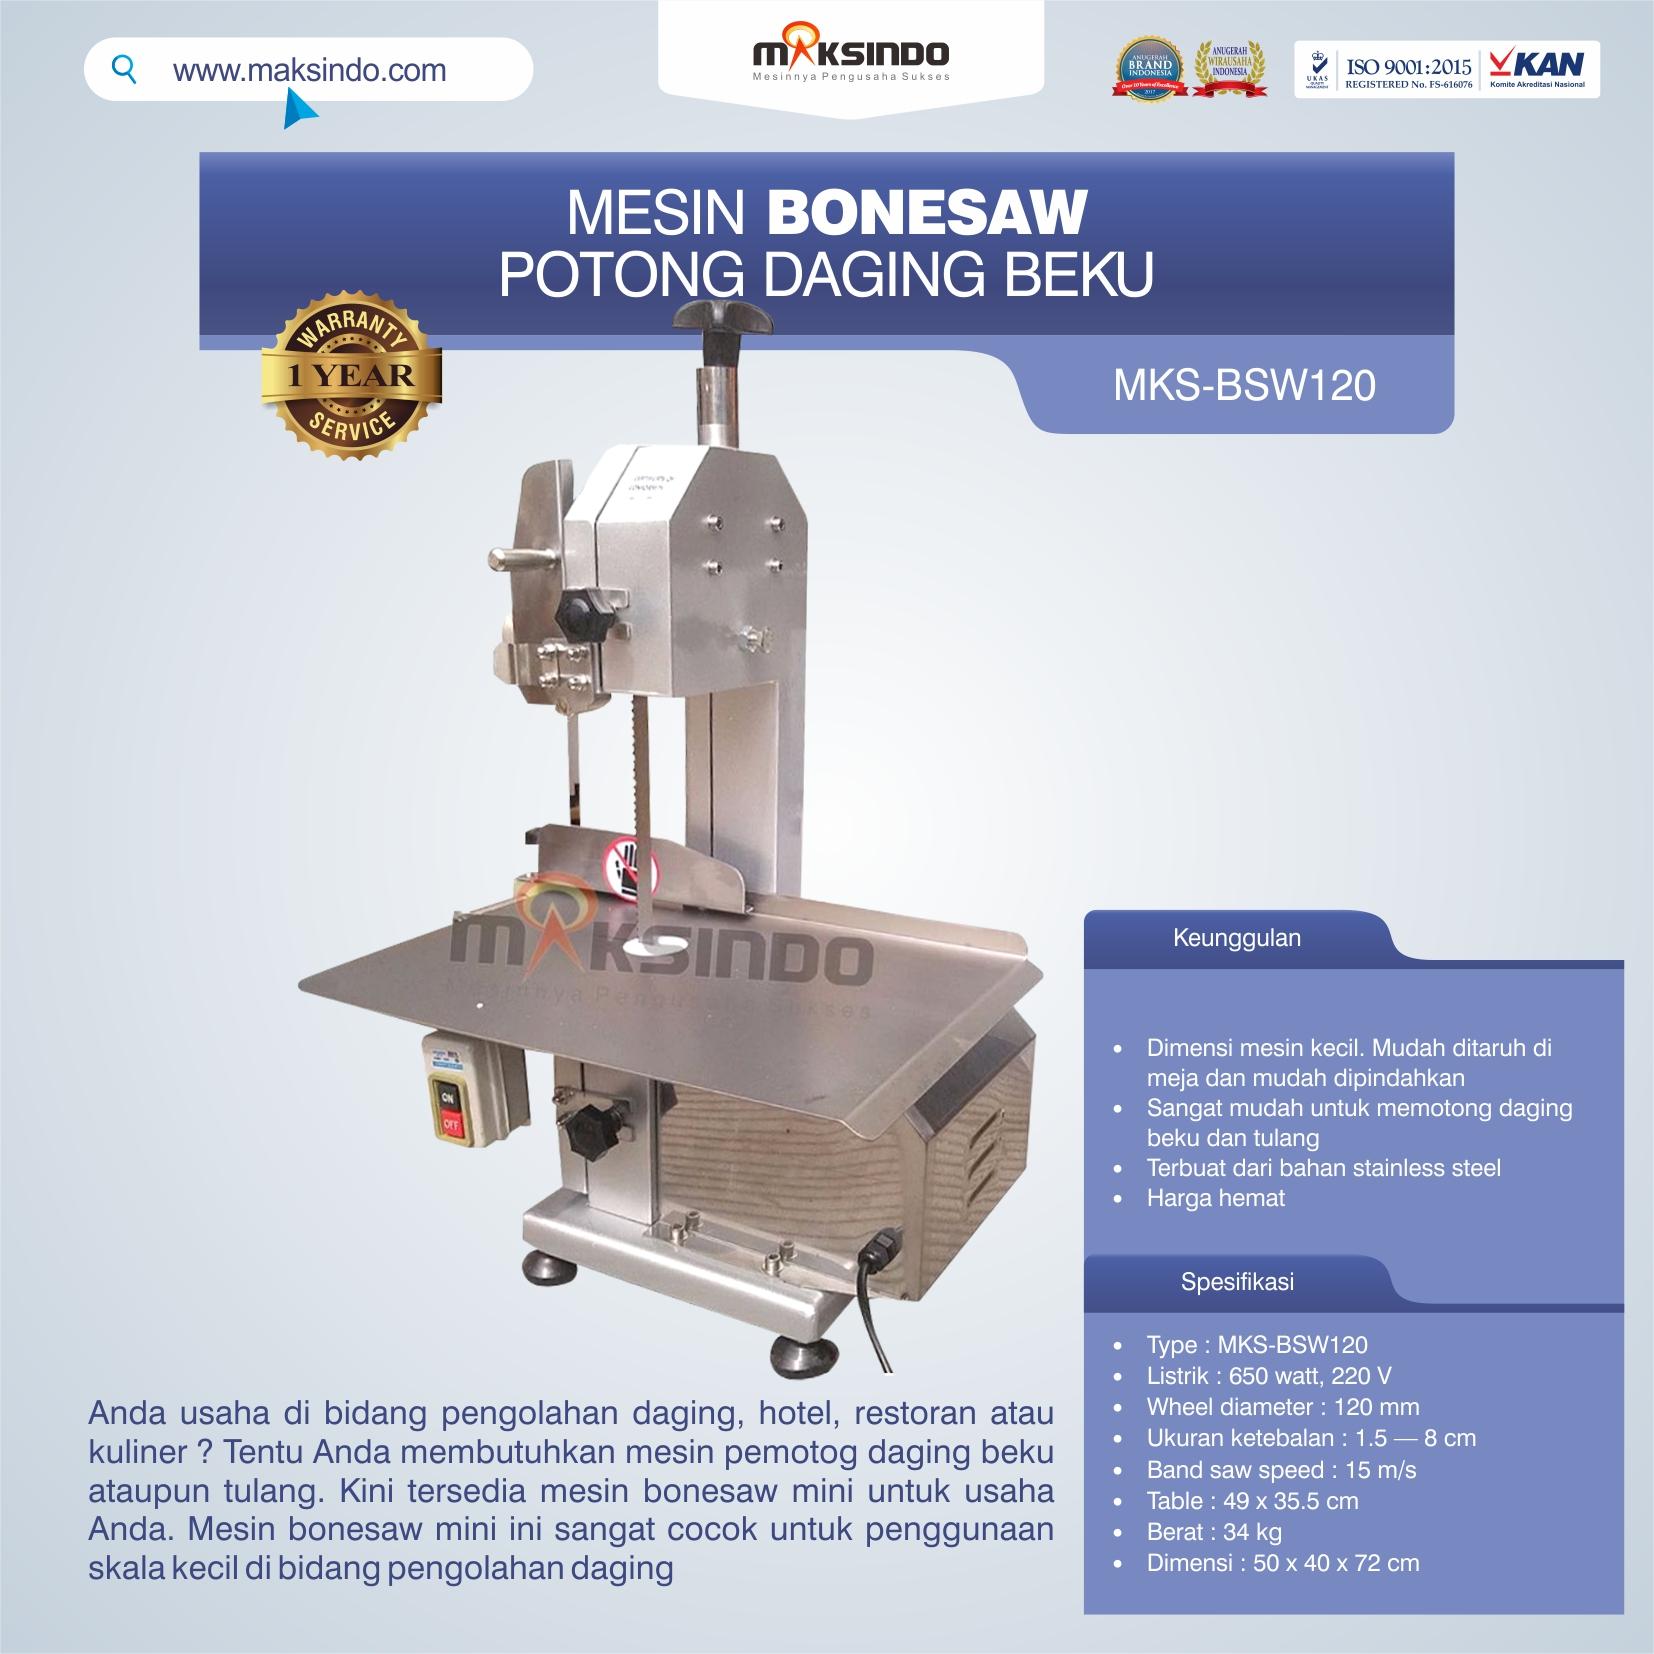 Jual Bonesaw Pemotong Daging Beku (MKS-BSW120) di Bekasi